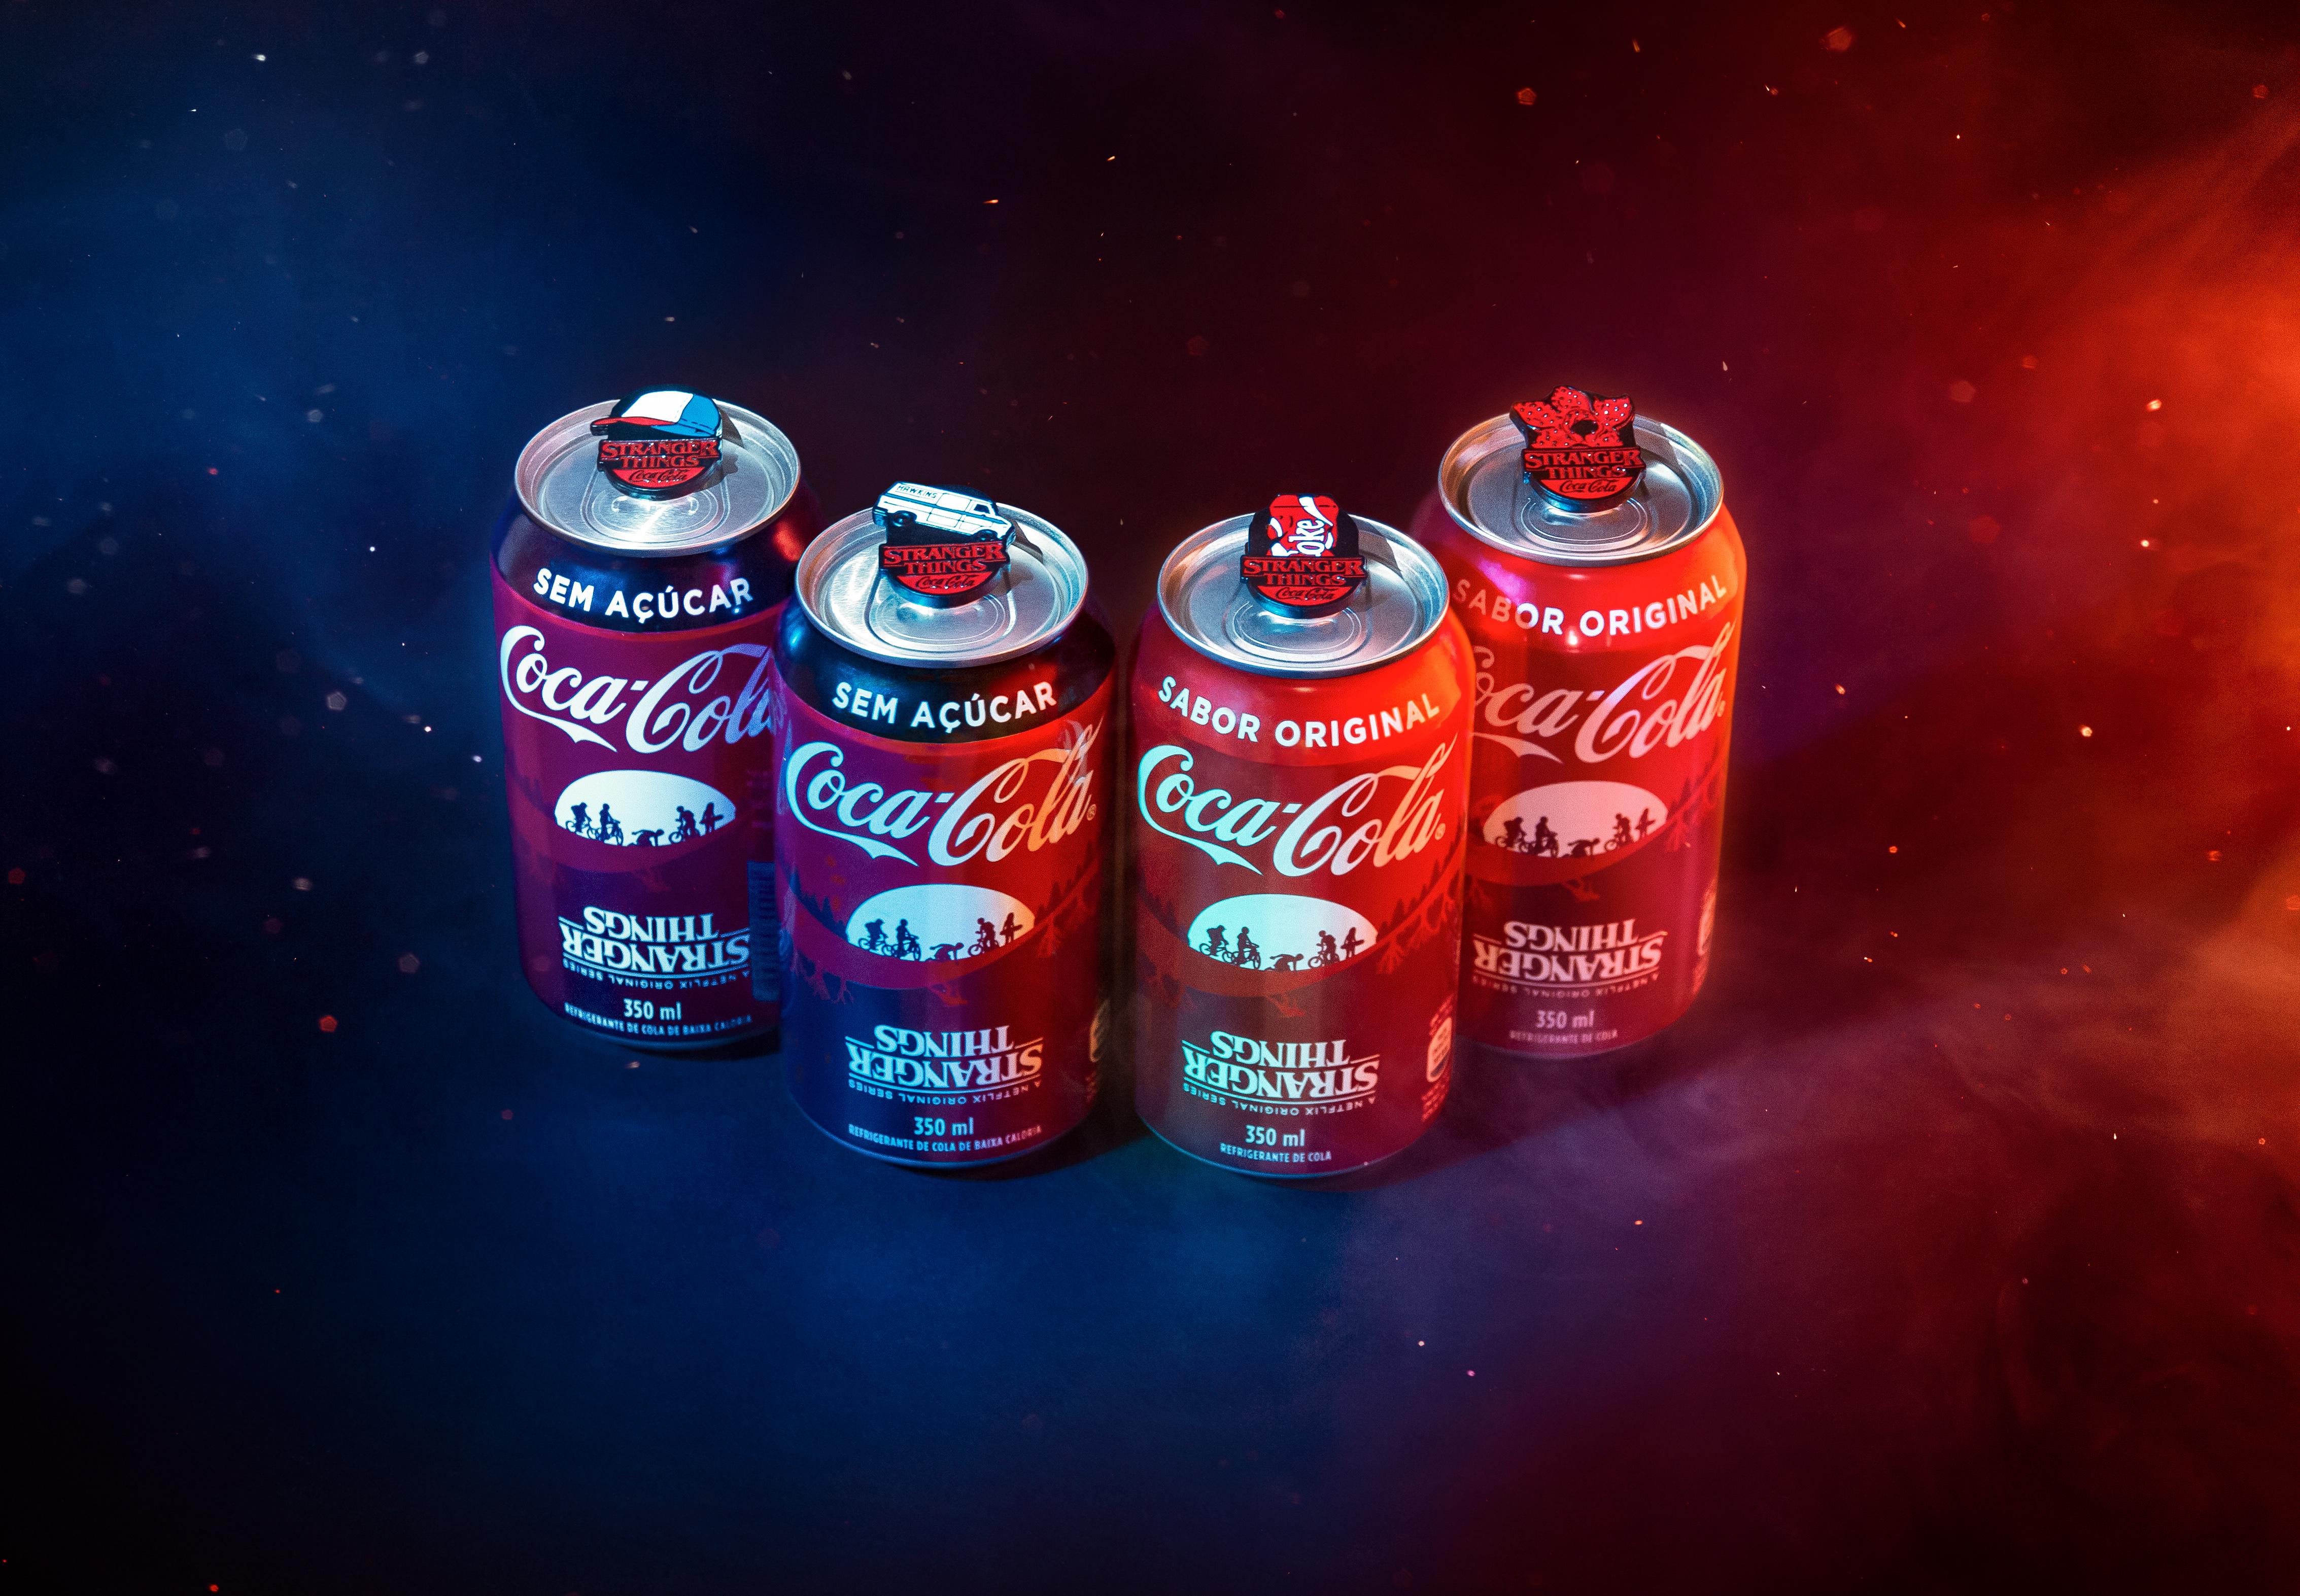 Quatro latas de Coca-Cola Pin Tabs edição Stranger Things, uma do lado da outra.